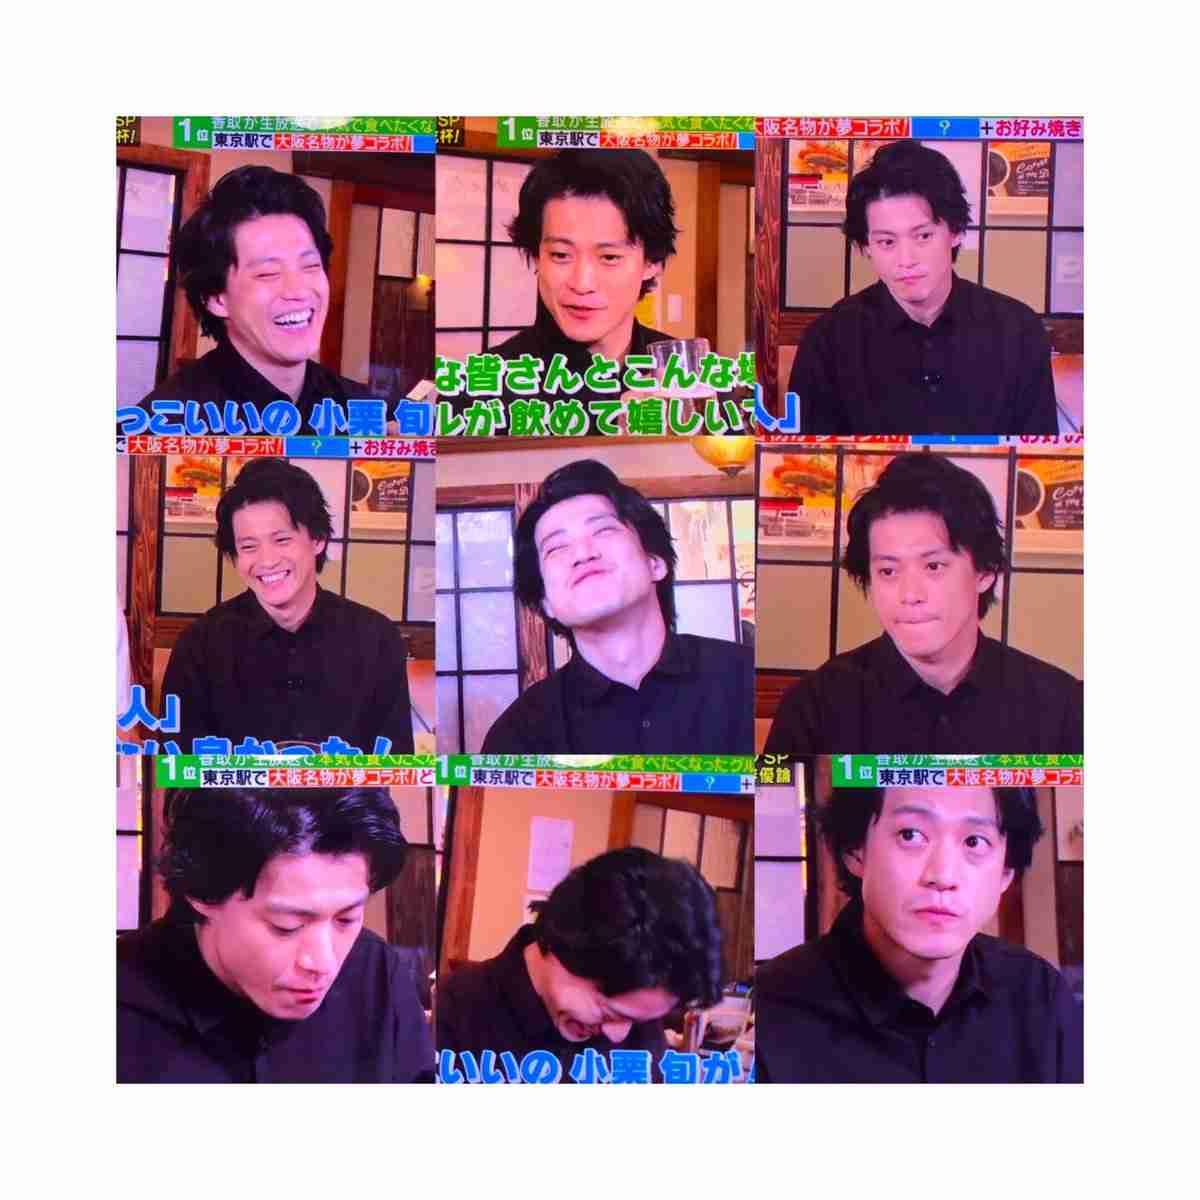 香取慎吾、映画『銀魂』の魅力を熱弁 「堂本剛が久々に芝居、かっこいいのよ!」